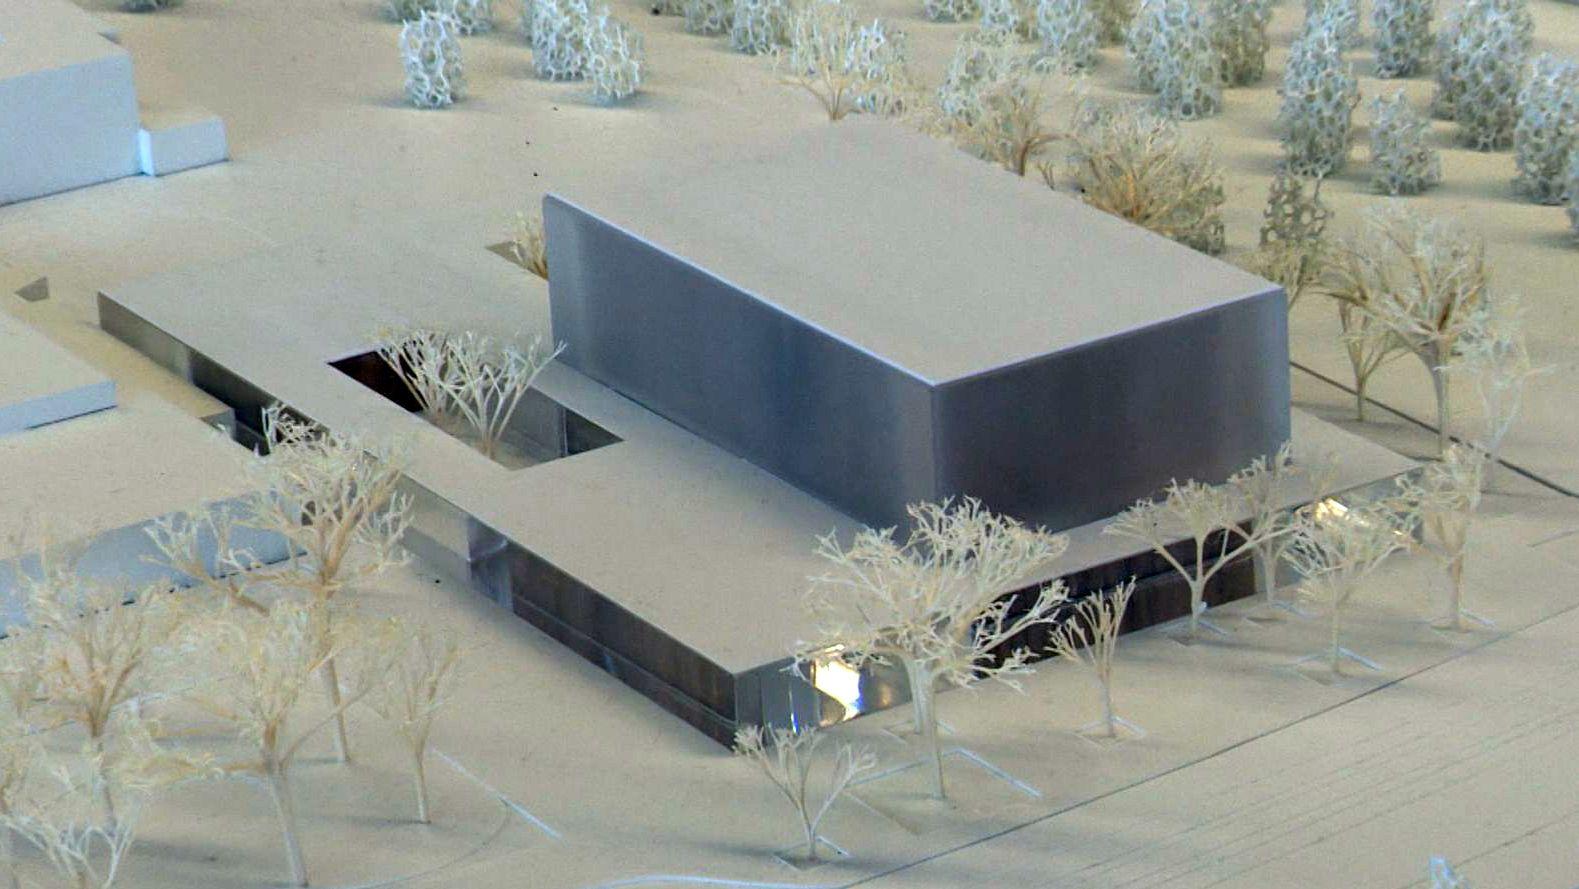 Ein Modell des Konzertsaals in Nürnberg